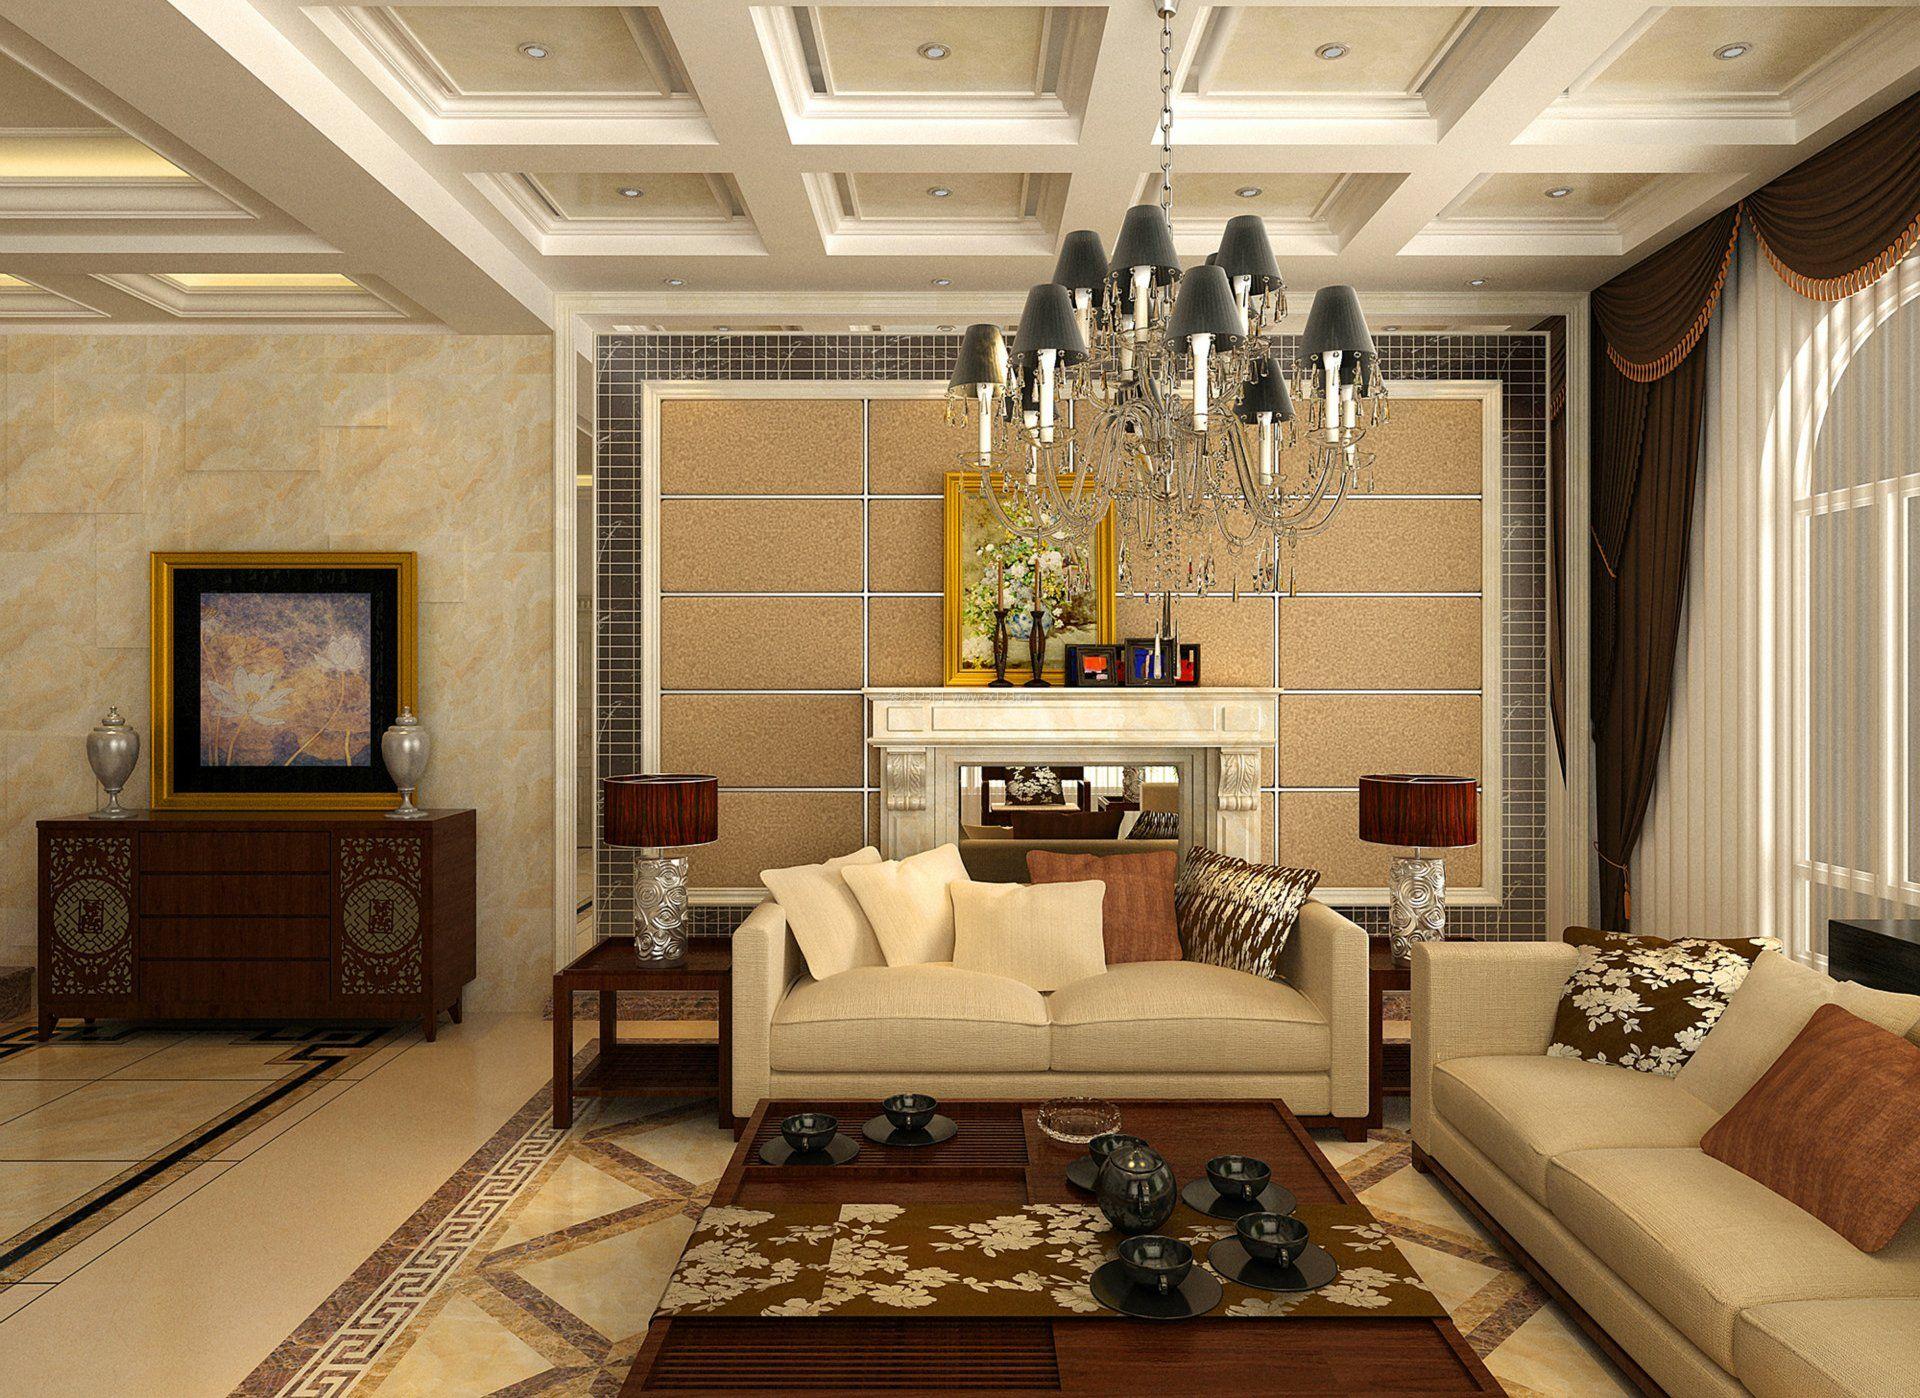 最新家居客厅地面瓷砖装修效果图欣赏